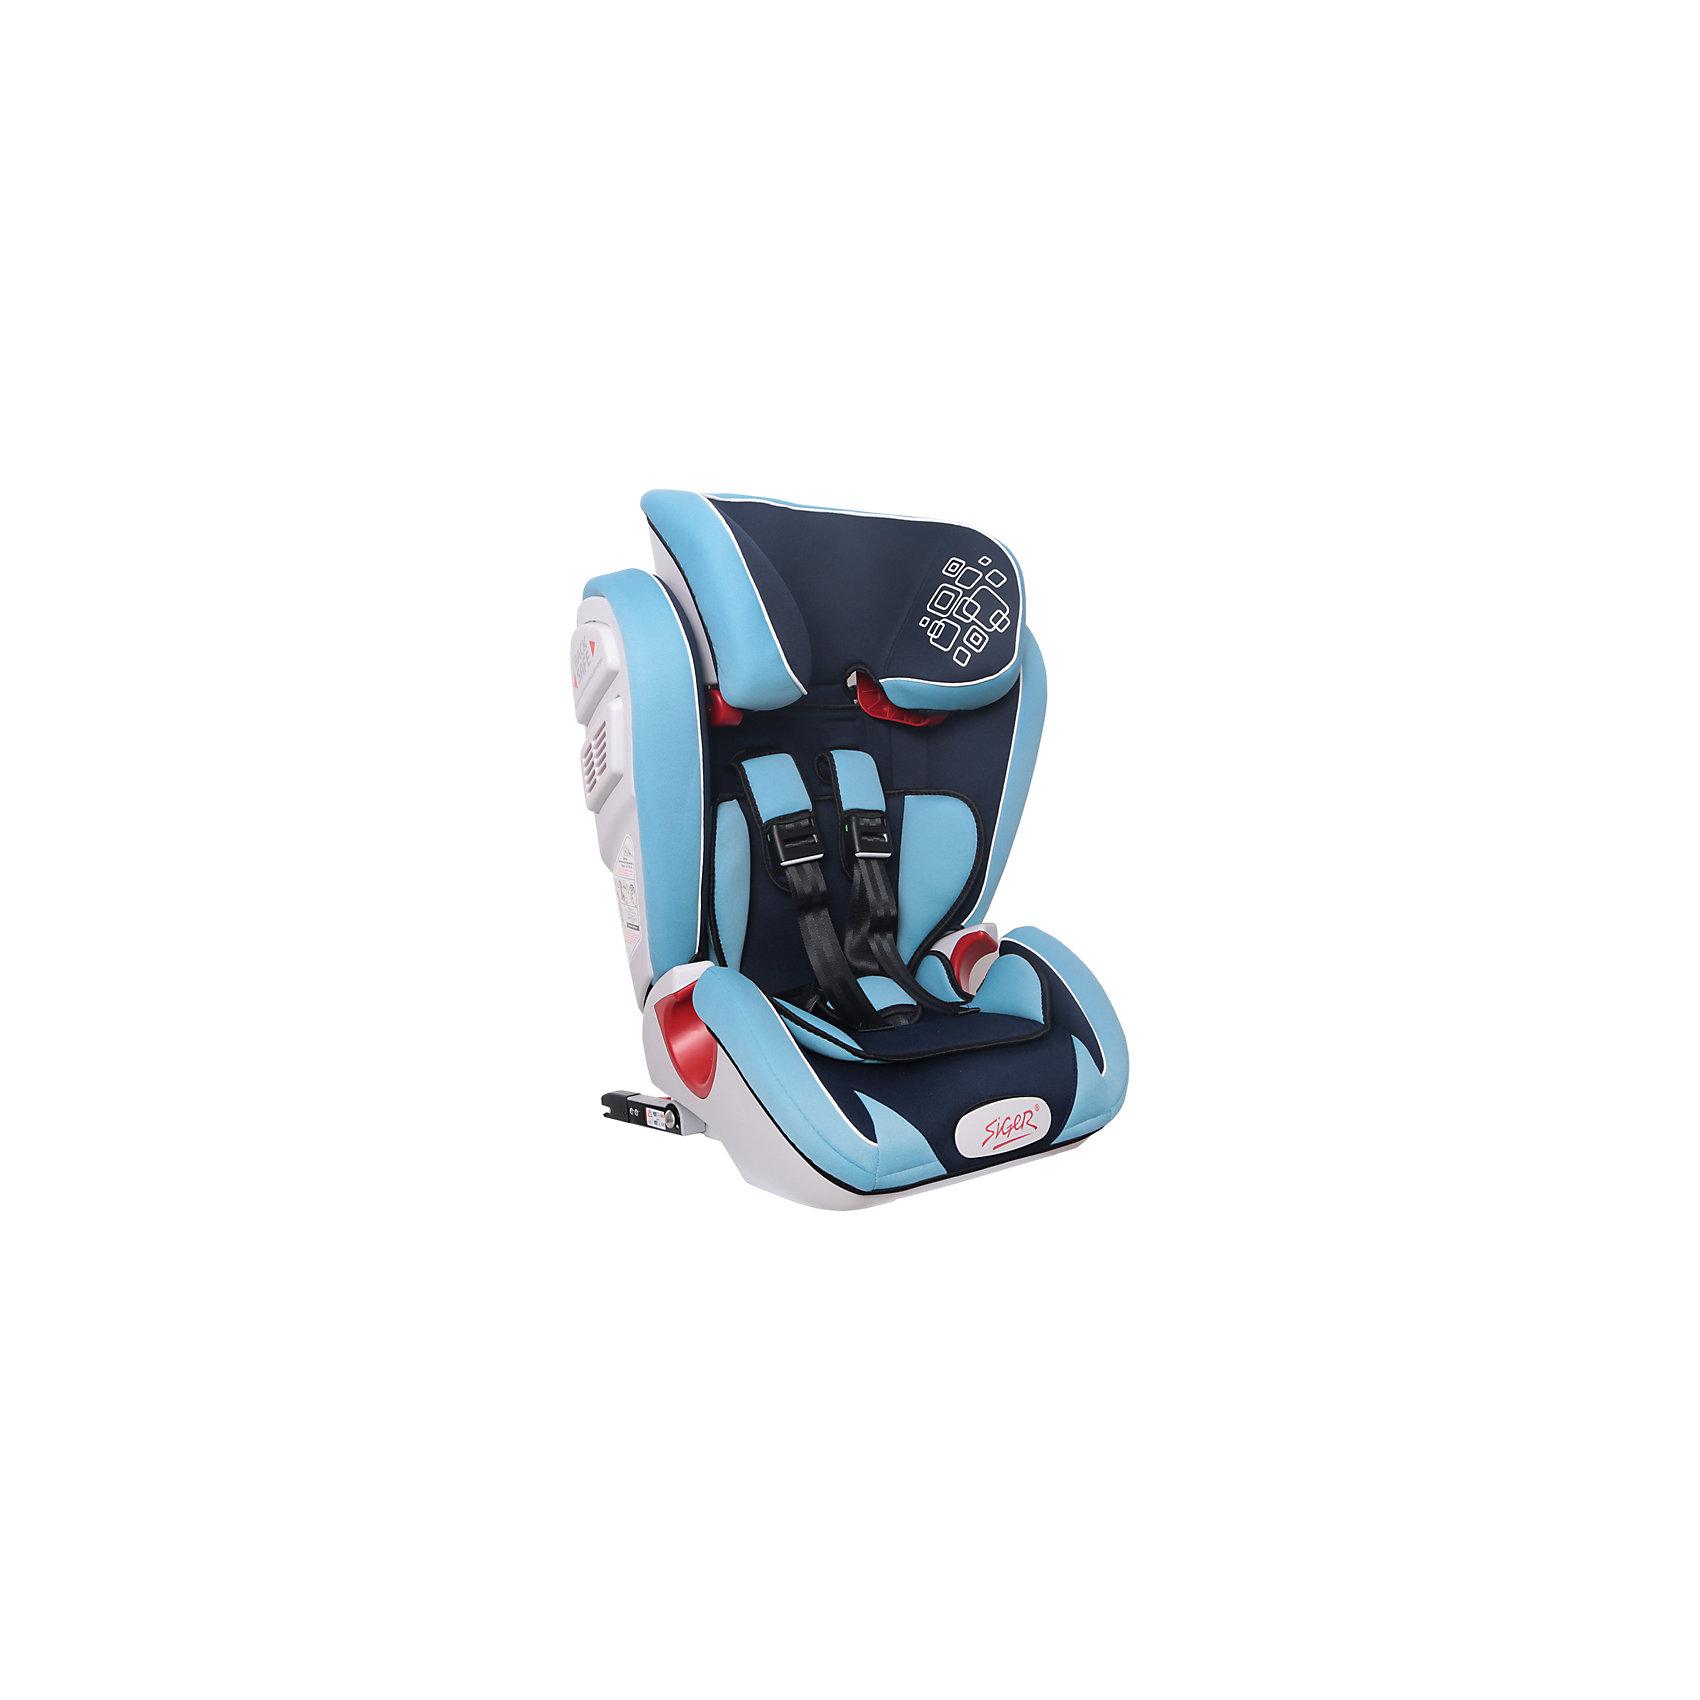 Автокресло Siger Индиго Isofix 9-36 кг, синийГруппа 1-2-3 (От 9 до 36 кг)<br>Характеристики:<br><br>• группа: 1/2/3;<br>• вес ребенка: 9-36 кг;<br>• возраст ребенка: от 1 года до 12 лет;<br>• способ крепления: Isofix;<br>• способ установки: по ходу движения автомобиля;<br>• 5-ти точечные ремни безопасности, регулируются по длине и высоте;<br>• анатомическая форма кресла;<br>• вкладыш для годовалого ребенка;<br>• регулируемый по высоте подголовник;<br>• усиленная защита от боковых ударов;<br>• чехол снимается и стирается при температуре 30 градусов;<br>• материал: пластик, полиэстер;<br>• размер автокресла: 51х43,3х63,4 см;<br>• вес автокресла: 8,3 кг.<br><br>Автокресло группы 1-2-3 предназначено для детей в возрасте от года до 12 лет. Автокресло устанавливается на заднем сидении автомобиля лицом по ходу движения автомобиля, крепится с помощью системы Изофикс. Кресло универсальное: и годовалому крохе будет уютно в кресле, и подросток будет чувствовать себя комфортно – благодаря анатомической форме кресельной чаши, широким боковинам, регулируемому подголовнику, вкладышу для малышей. <br><br>Автокресло Индиго Isofix 9-36 кг., SIGER, цвет синий можно купить в нашем интернет-магазине.<br><br>Ширина мм: 430<br>Глубина мм: 511<br>Высота мм: 631<br>Вес г: 8300<br>Возраст от месяцев: 12<br>Возраст до месяцев: 144<br>Пол: Мужской<br>Возраст: Детский<br>SKU: 5409379